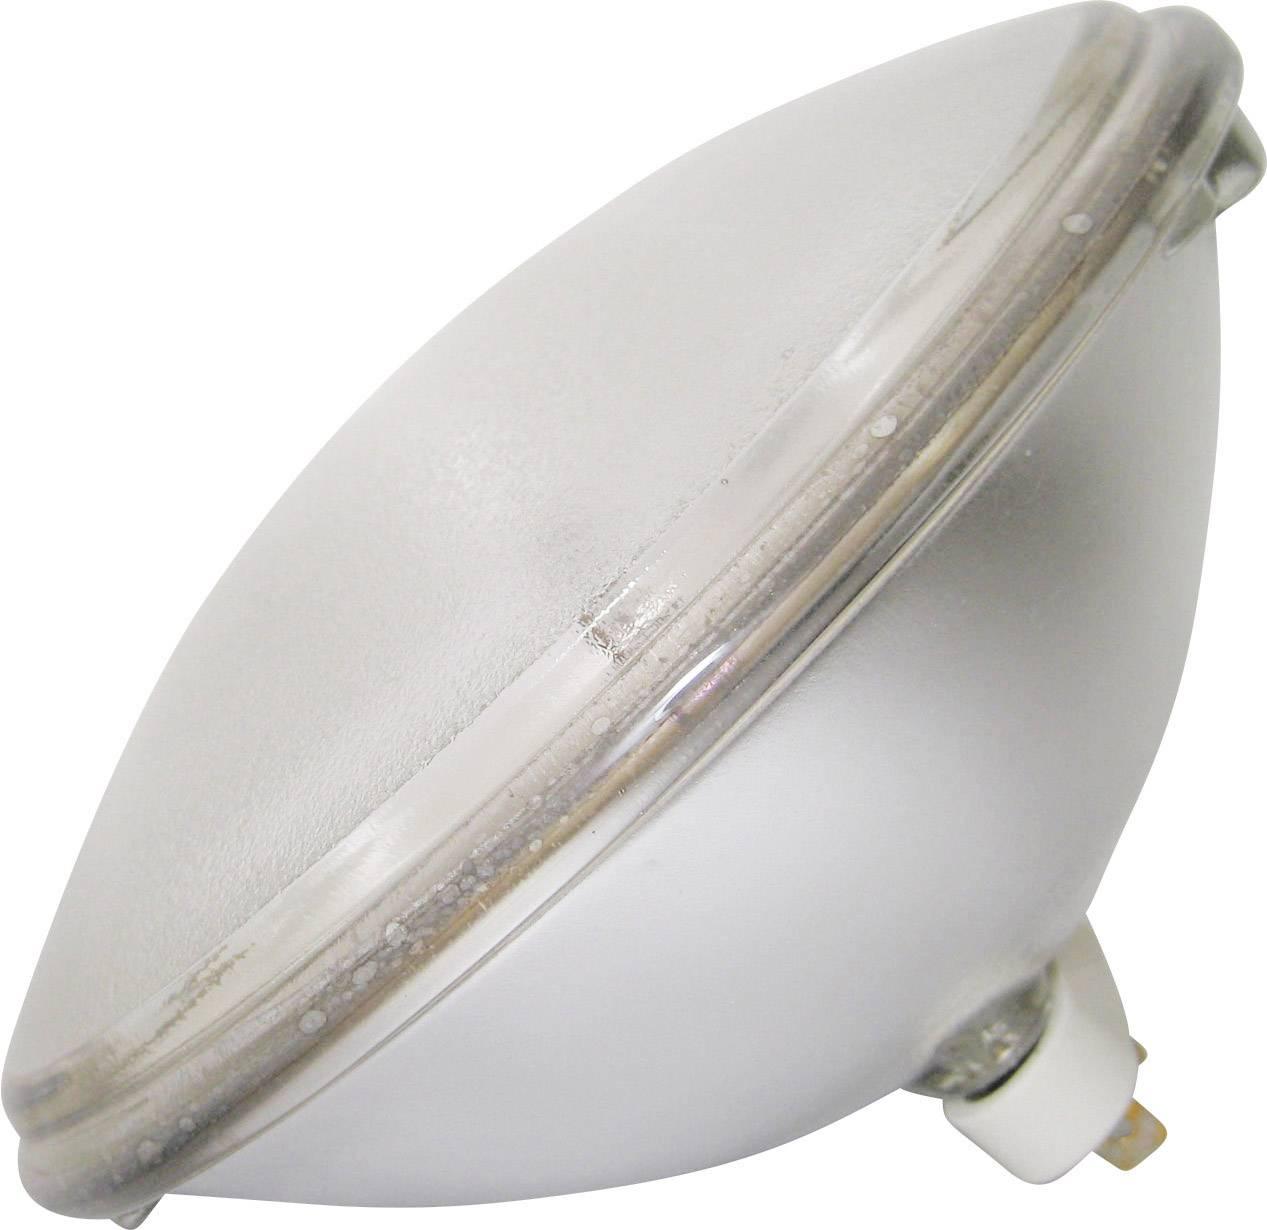 Reflektorová žiarovka PAR 56, GX16d, 300 W, typ spot